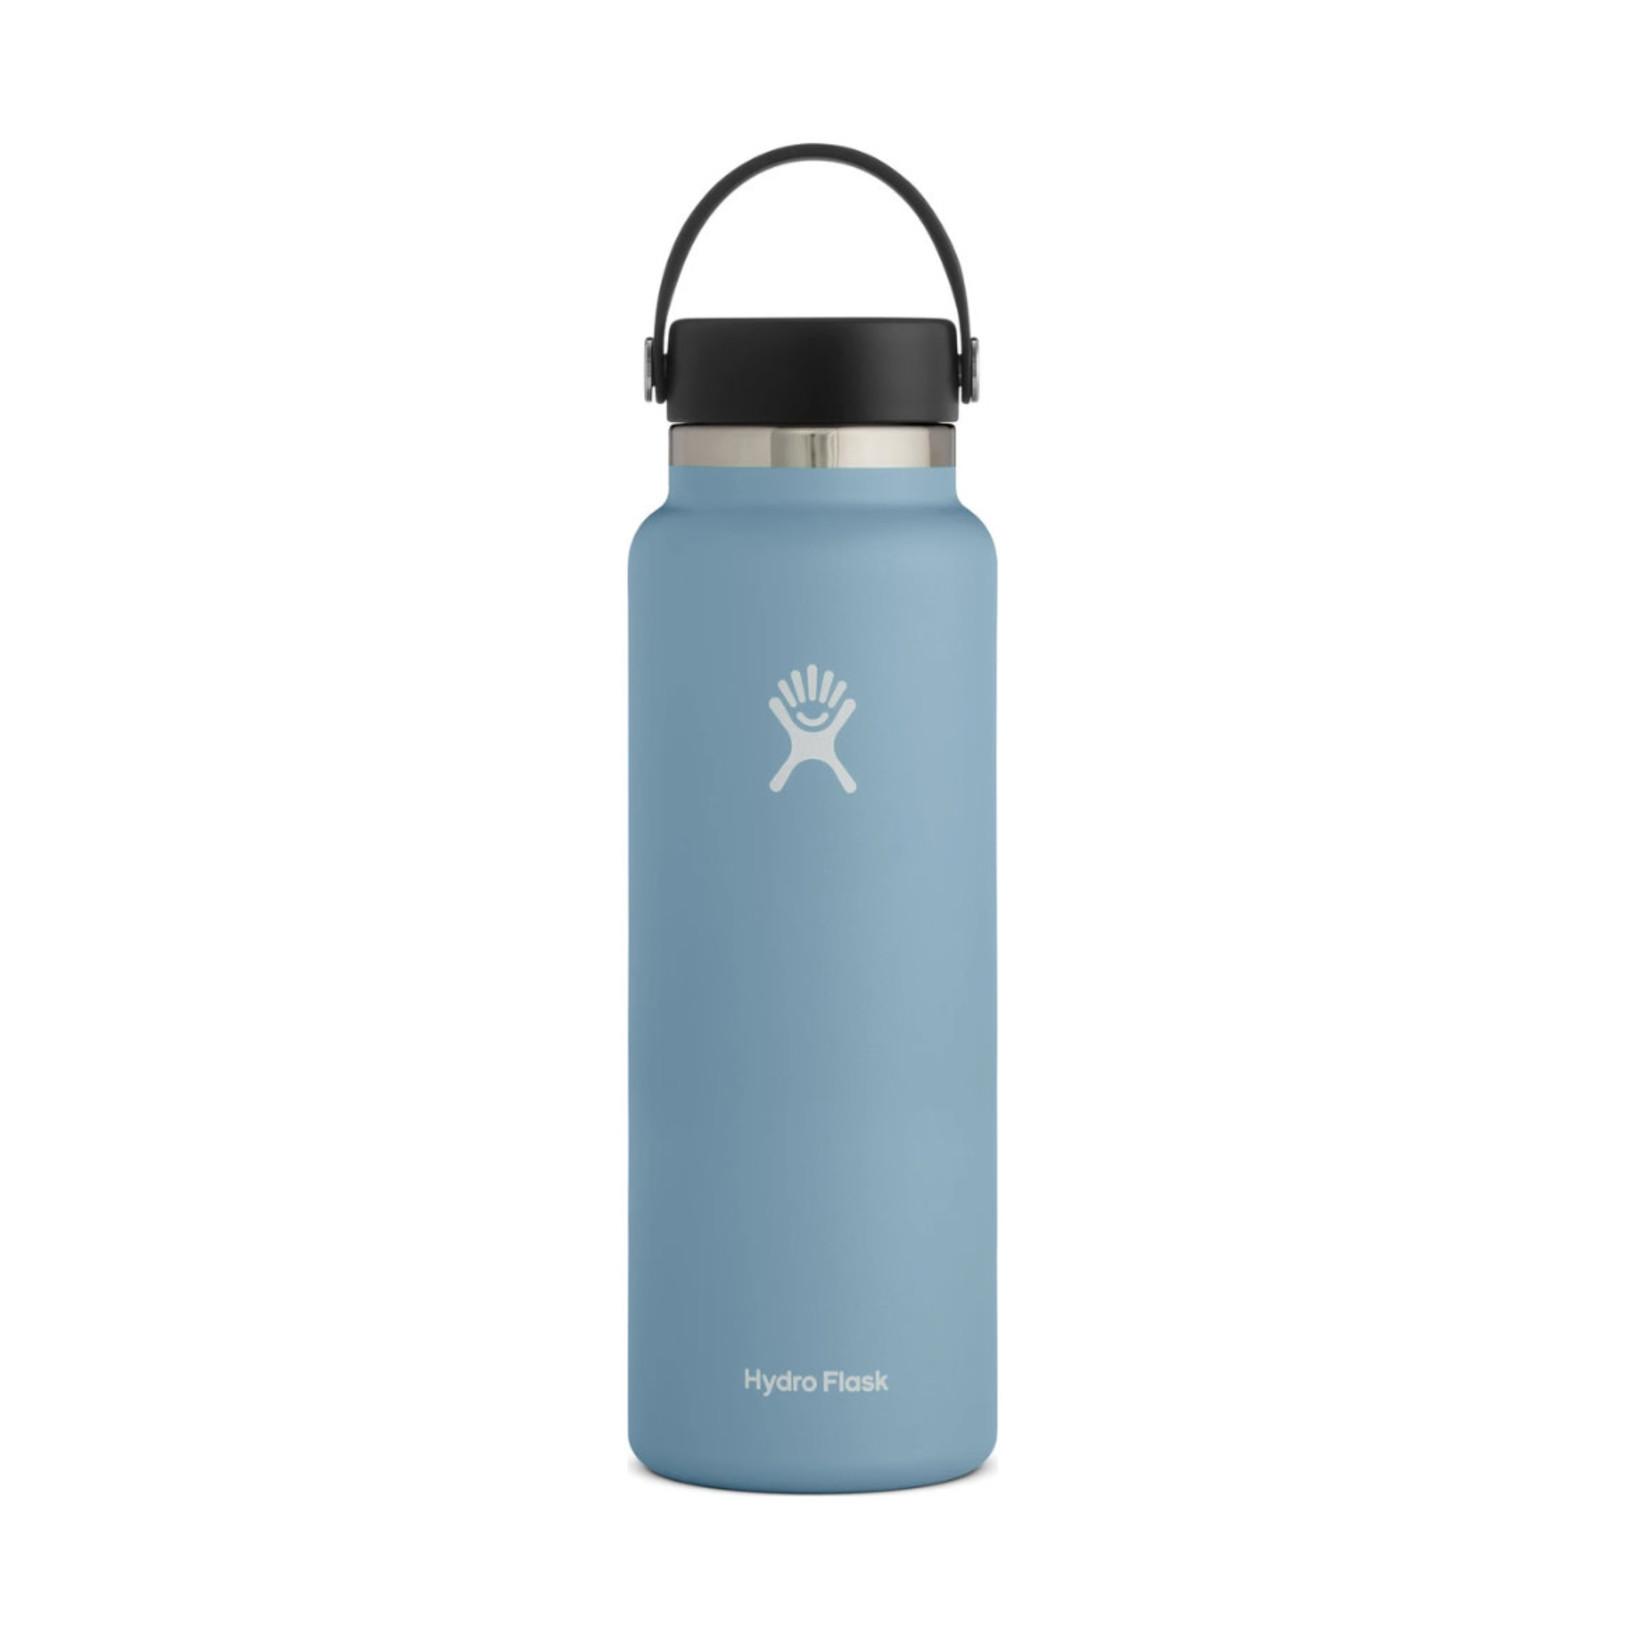 Hydro Flask Hydro Flask 40 oz. Wide Mouth w/ Flex Cap- Rain